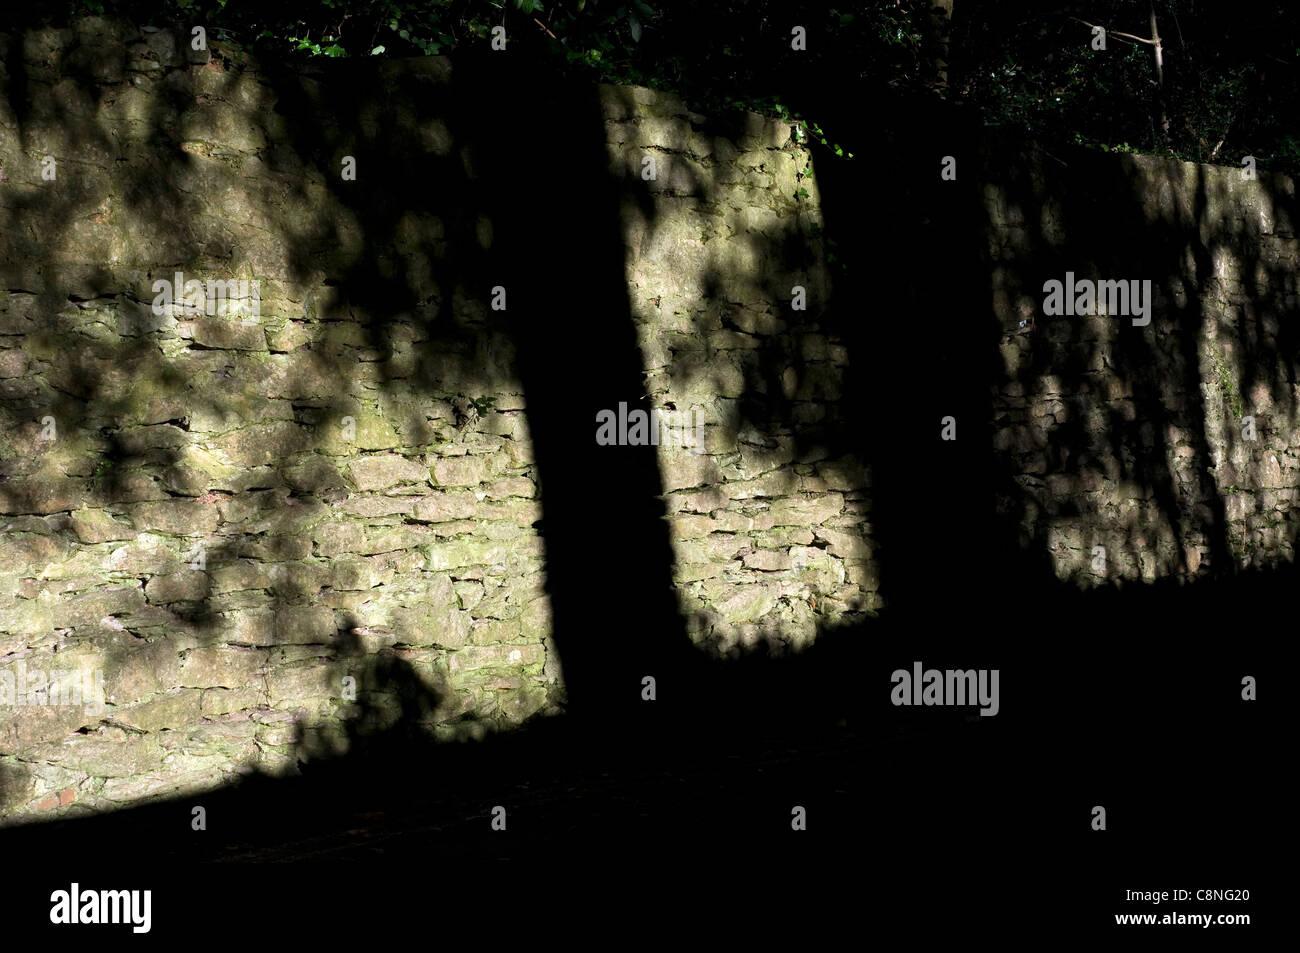 Ombra di alberi che rientrano sul muro di pietra,sfondo,ombre,primo pomeriggio, esterna, giardino, Hawaii, foglie, Immagini Stock